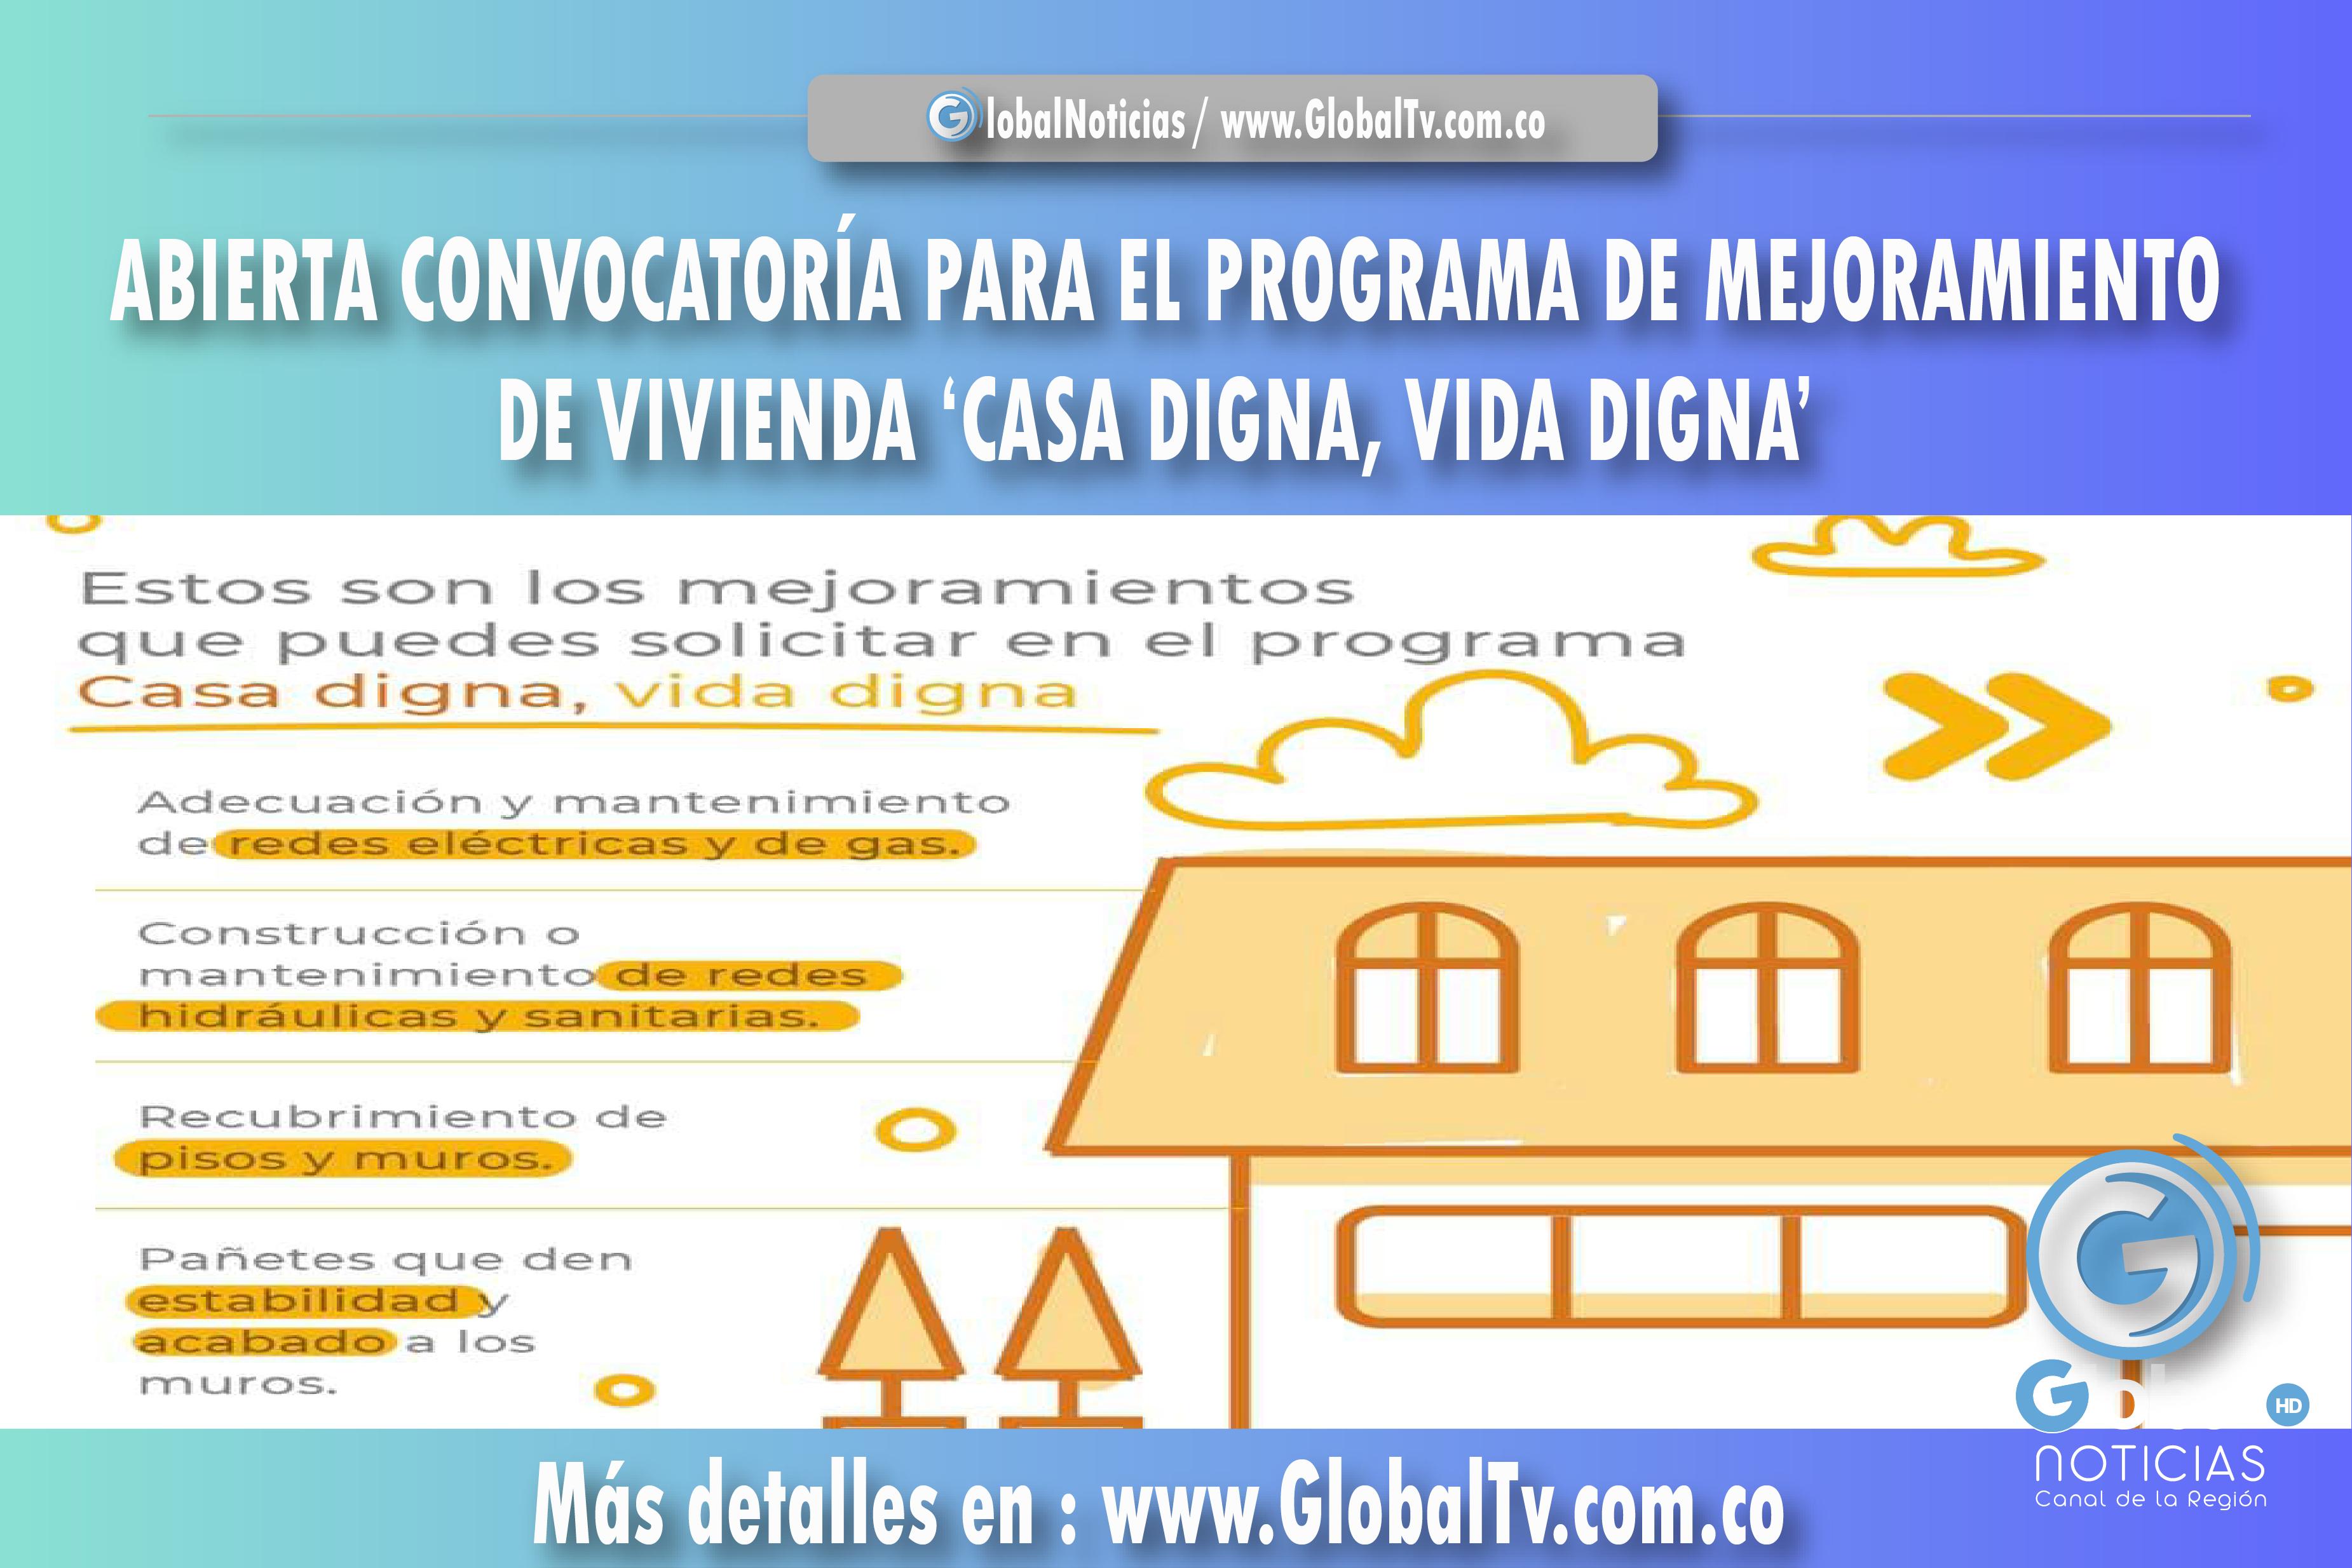 ABIERTA CONVOCATORÍA PARA EL PROGRAMA DE MEJORAMIENTO DE VIVIENDA 'CASA DIGNA, VIDA DIGNA'